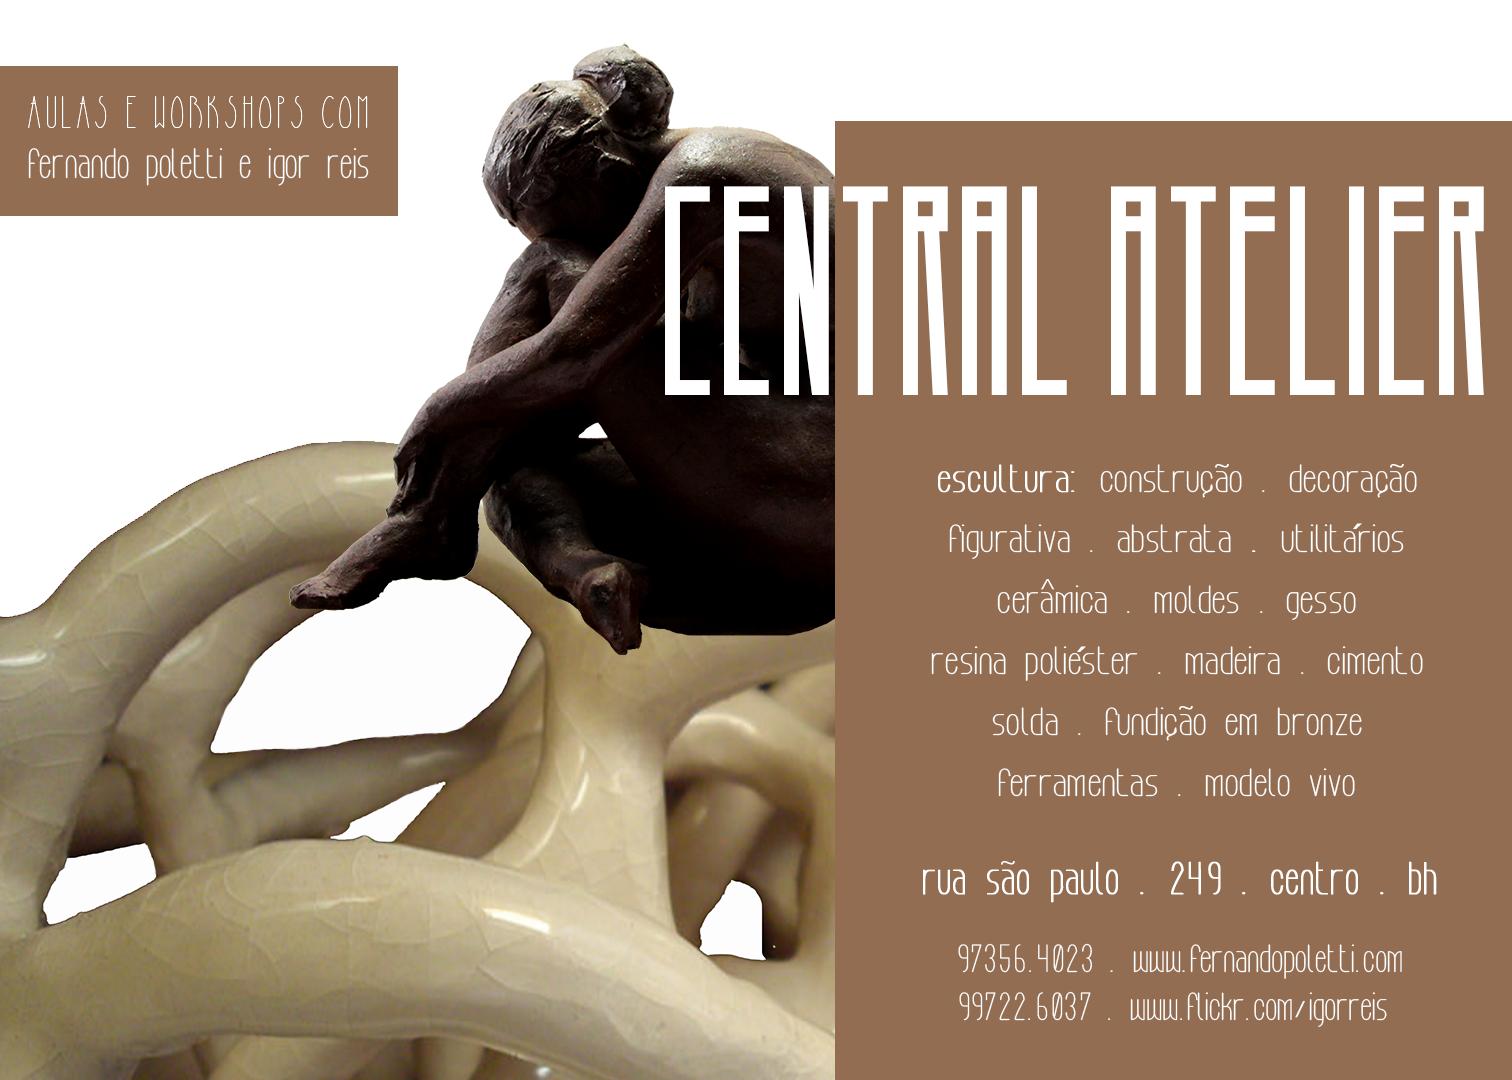 2017 . CURSOS LIVRES . central atelier . escultura, cerâmica, utilitários, moldes, etc.